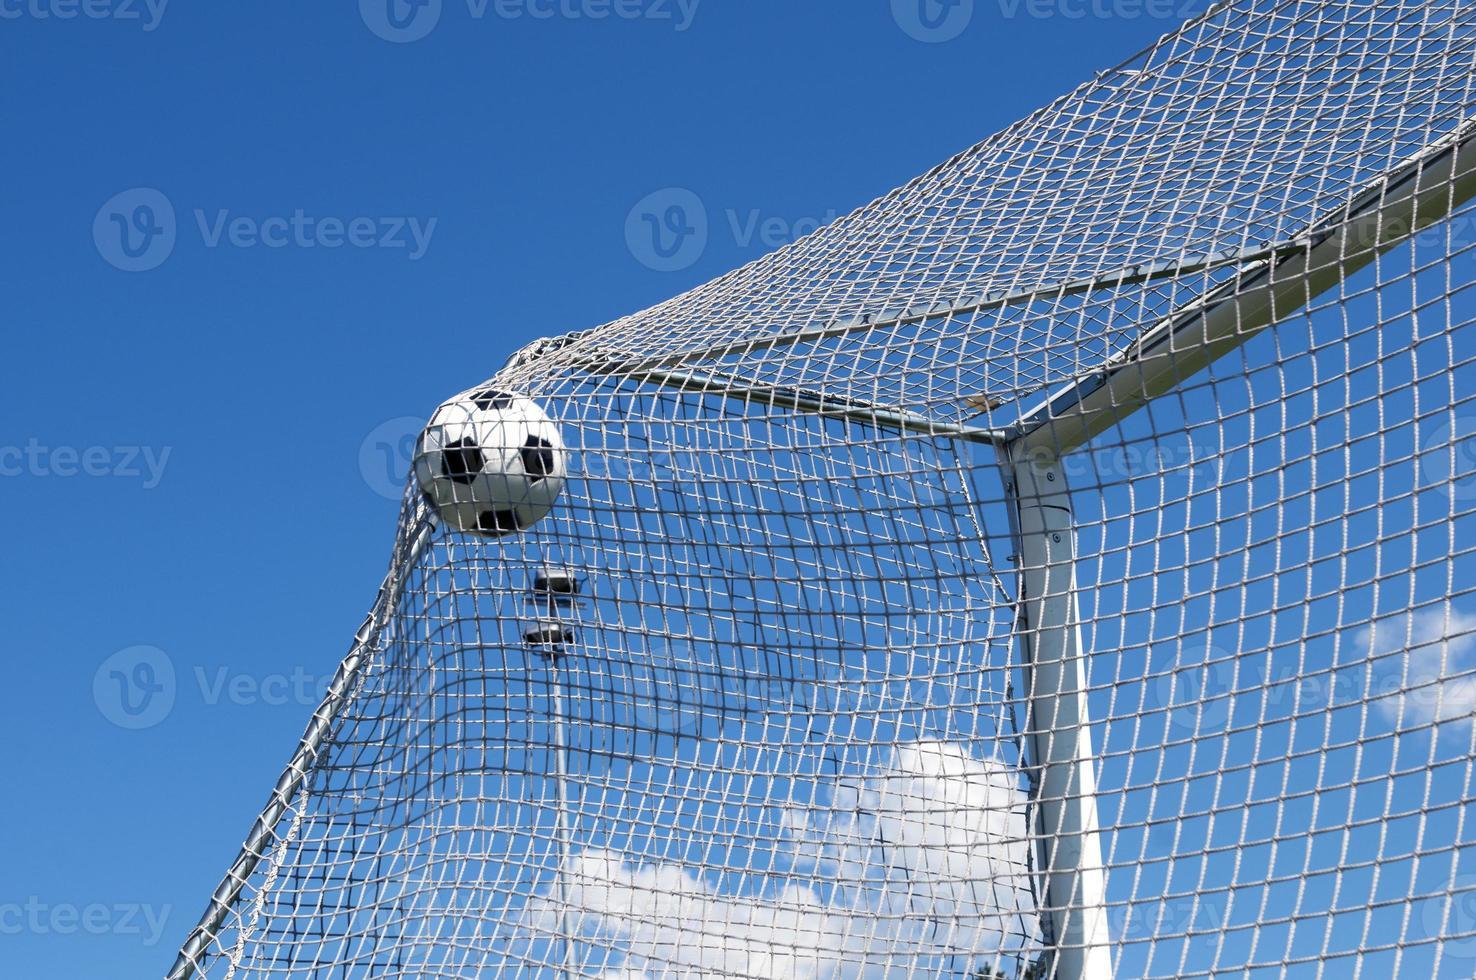 Fußball macht ein großes Ziel foto